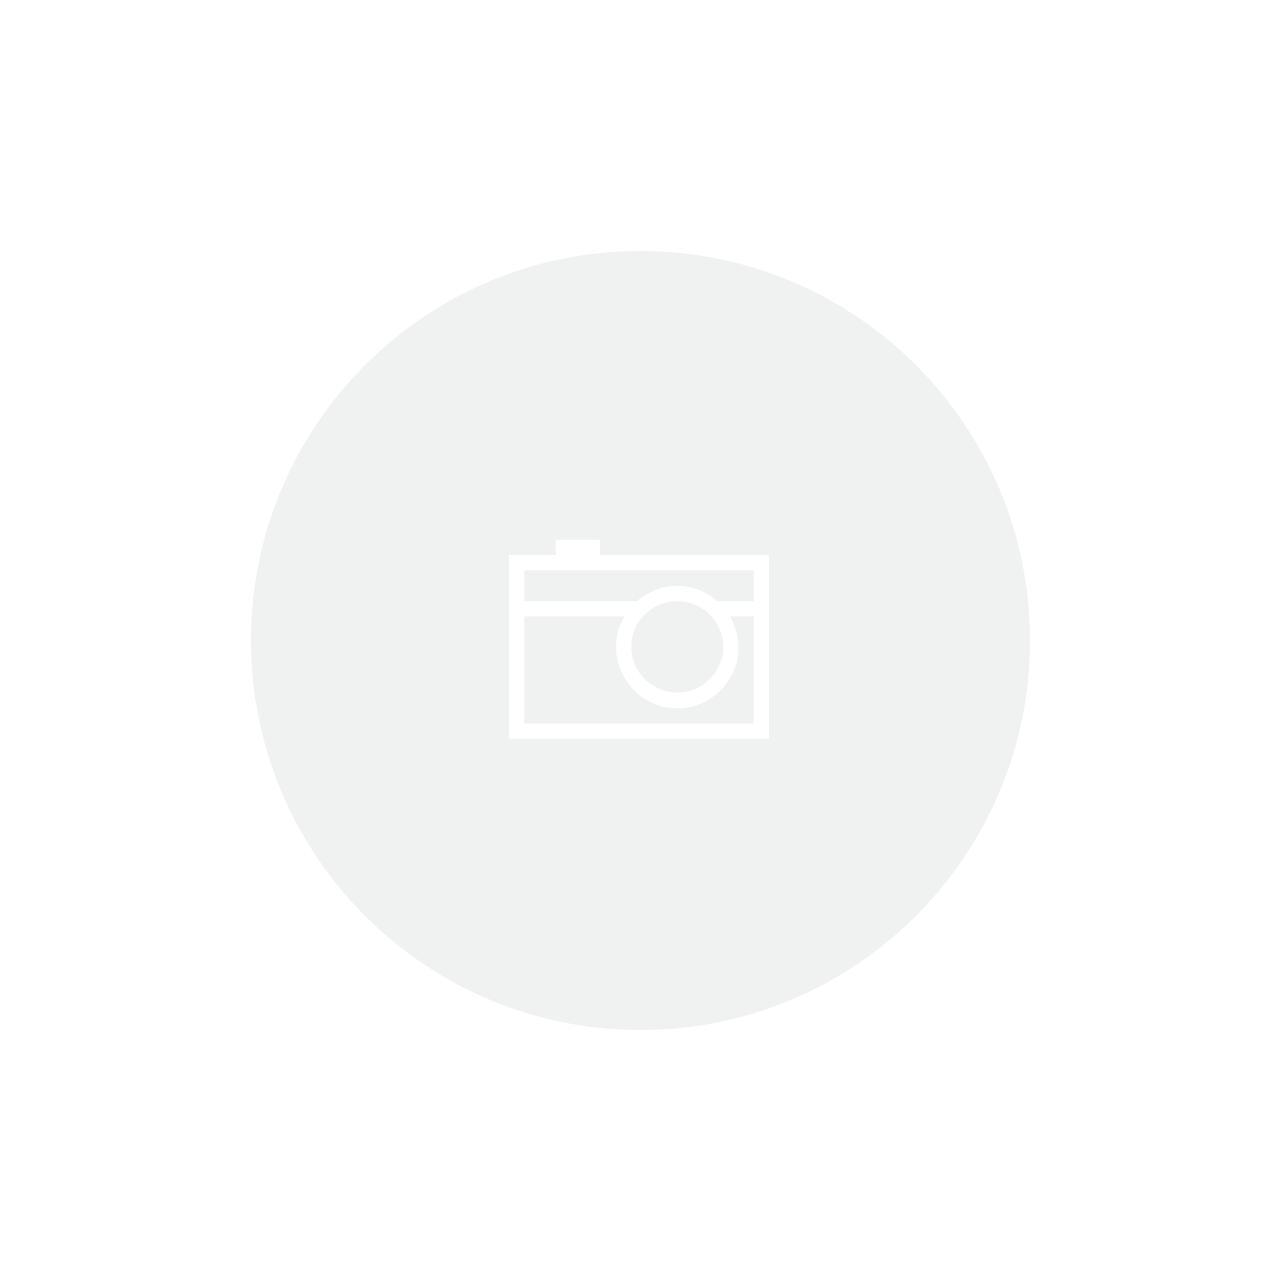 Almofada Shantung c/ Aplicação de Cordão Preto